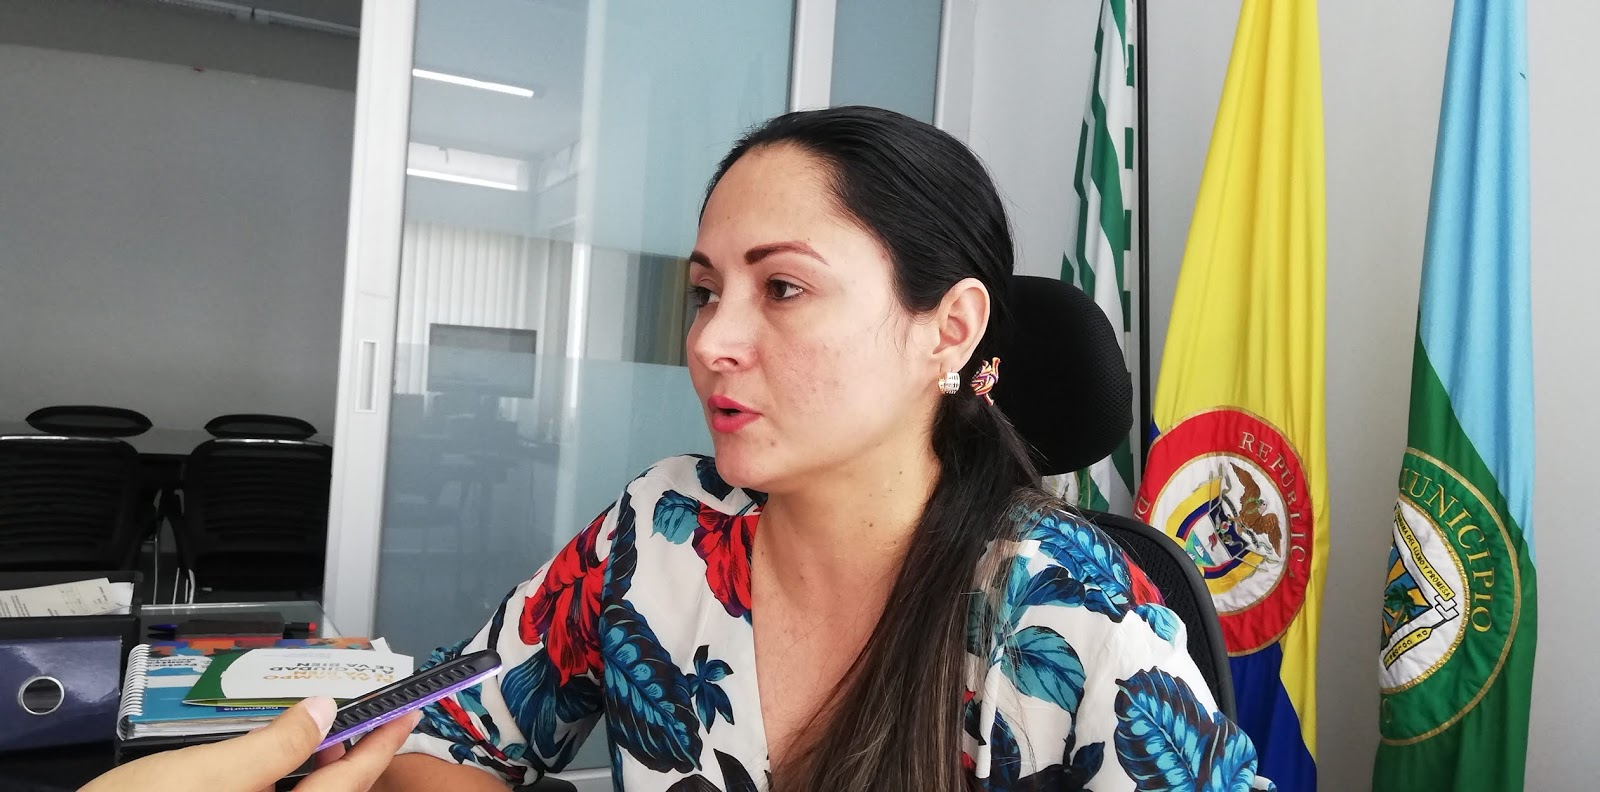 la Secretaría de Gobierno anunció la modificación del horario de la medida de toque de queda que rige desde el inicio del 'Aislamiento Preventivo Obligatorio'